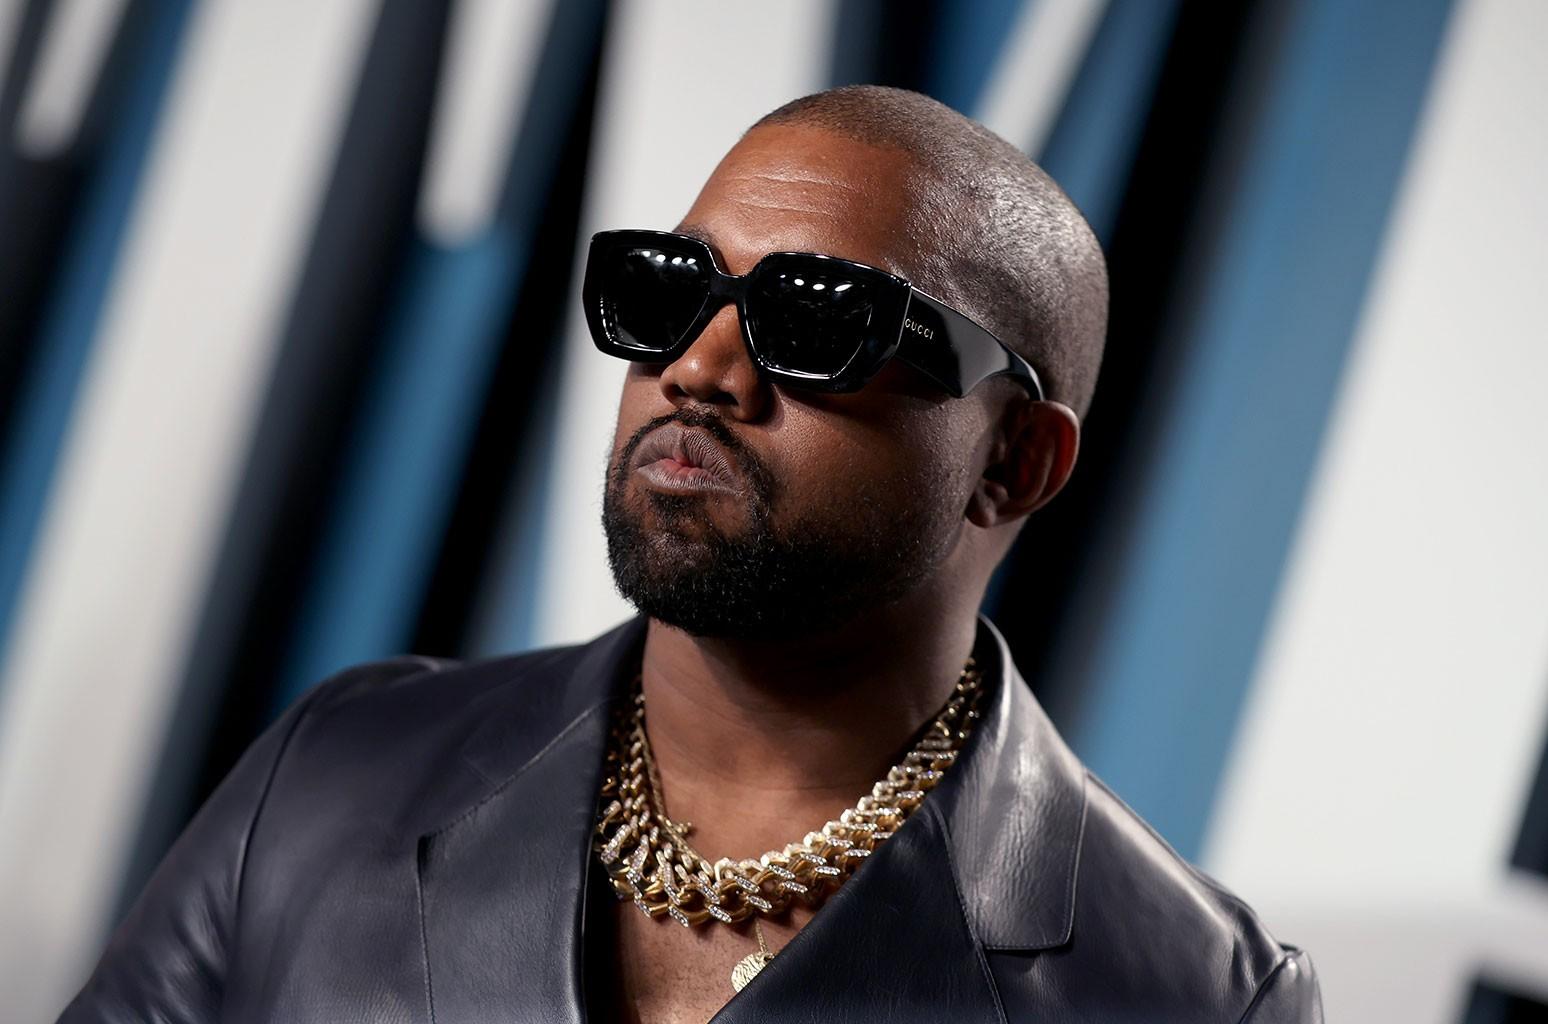 Kanye Westas jau nebe Kanye – muzikantas pasikeitė vardą ir tapo… Ye